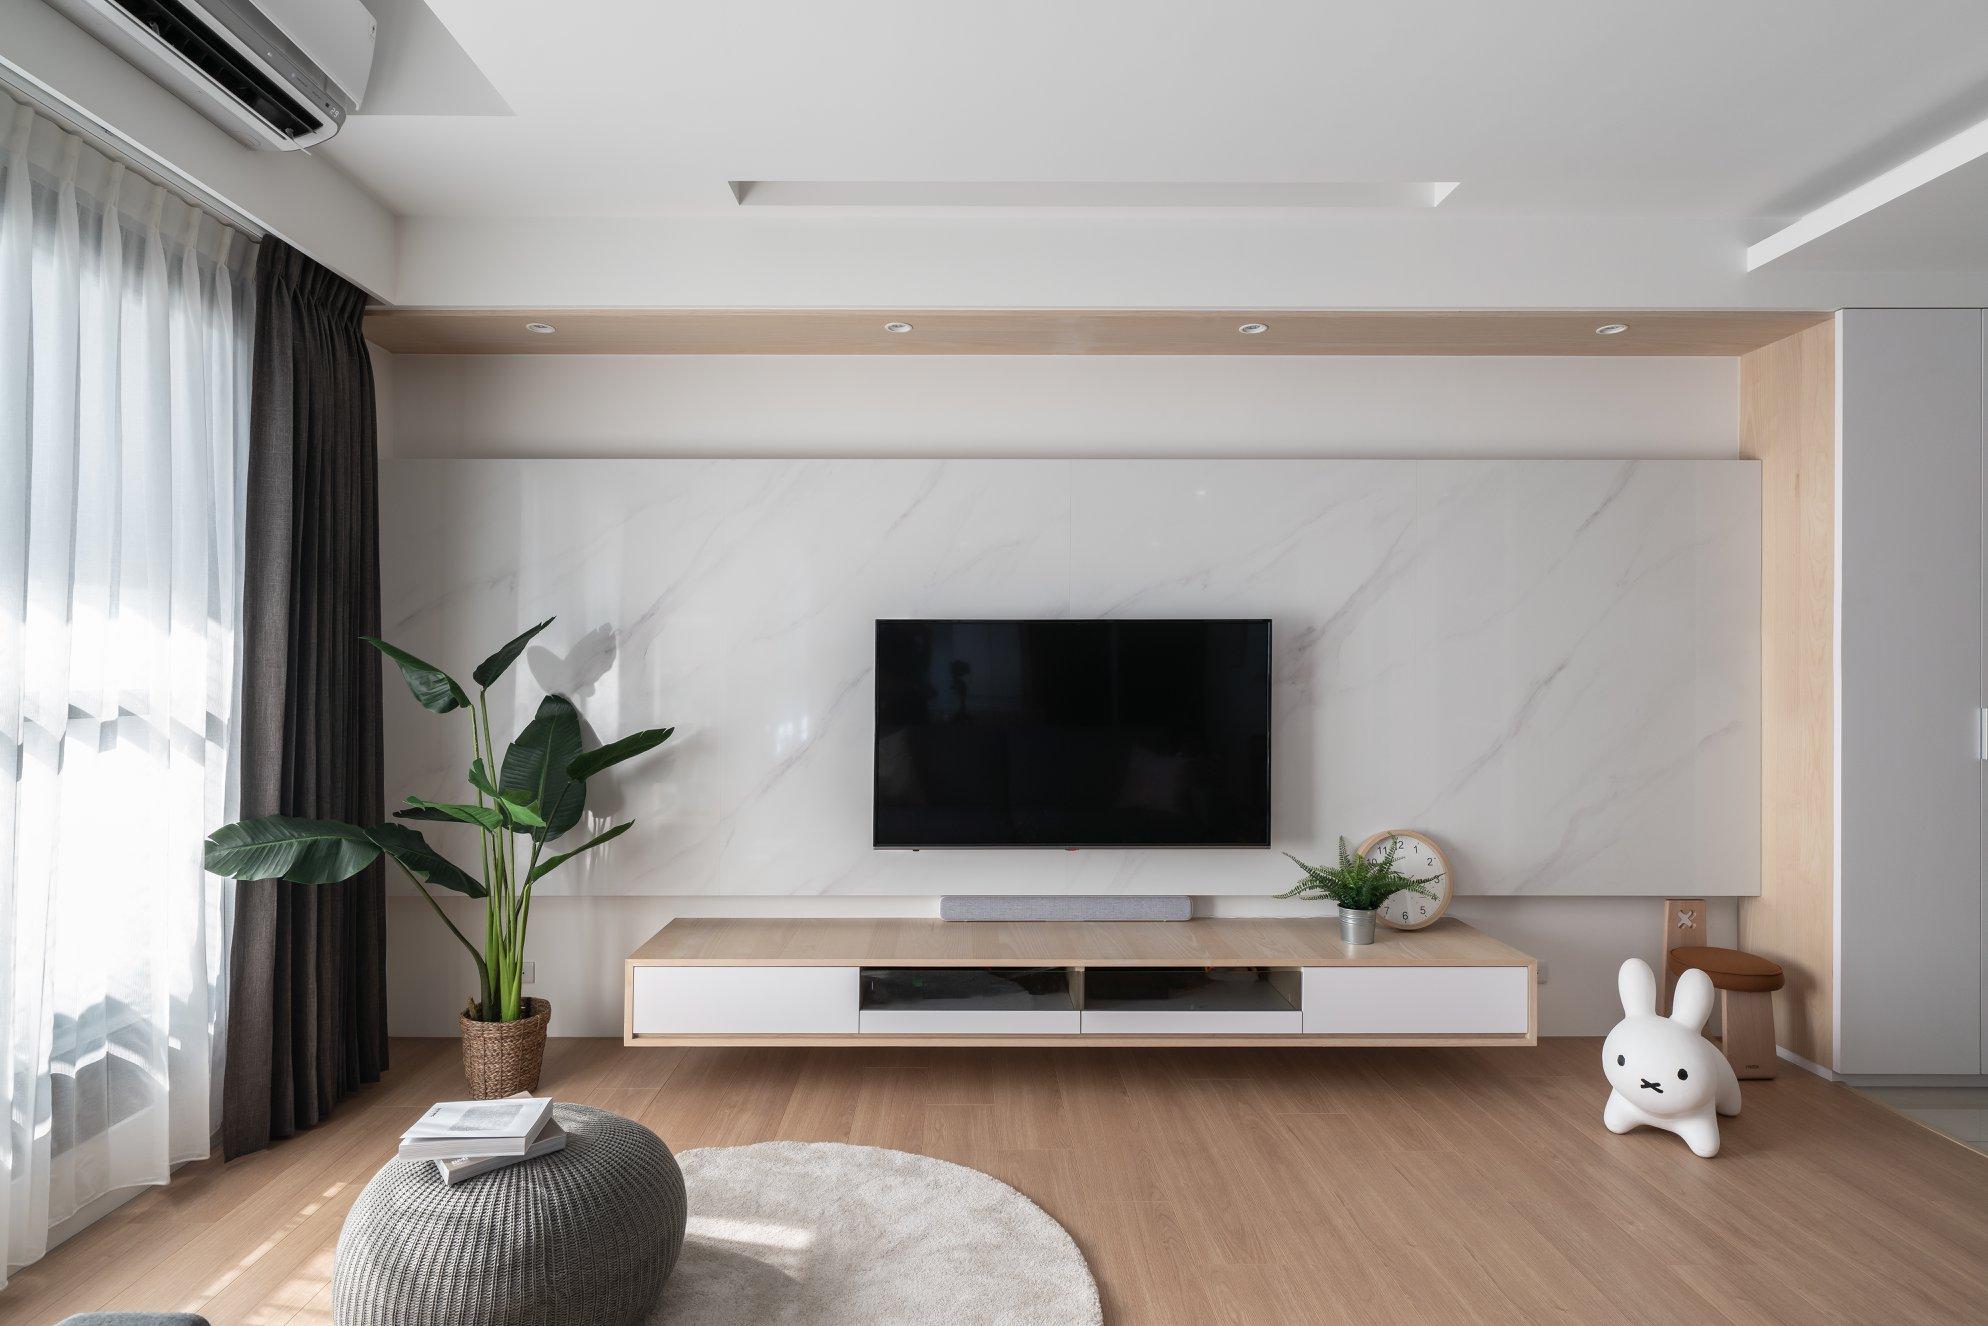 Tư vấn thiết kế nhà 2 tầng có diện tích 42m² gồm 2 phòng ngủ hiện đại với chi phí 164 triệu đồng - Ảnh 4.